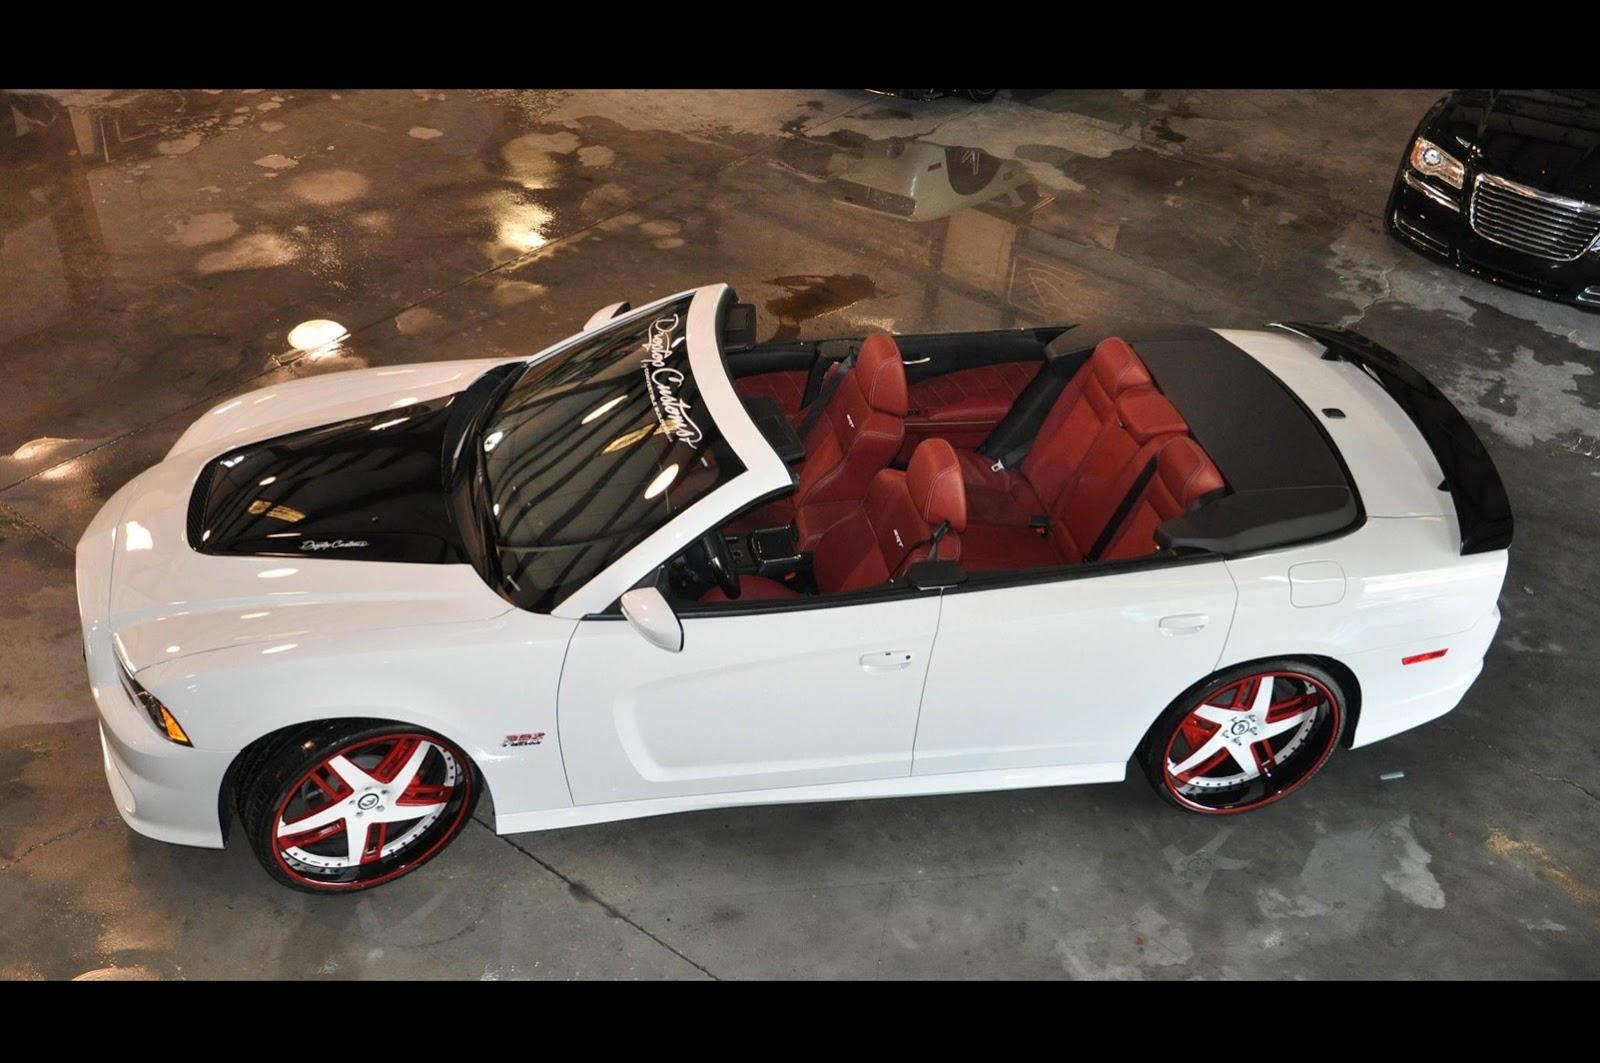 Drop Top Customs Renders Chrysler 300 Sedan Roofless